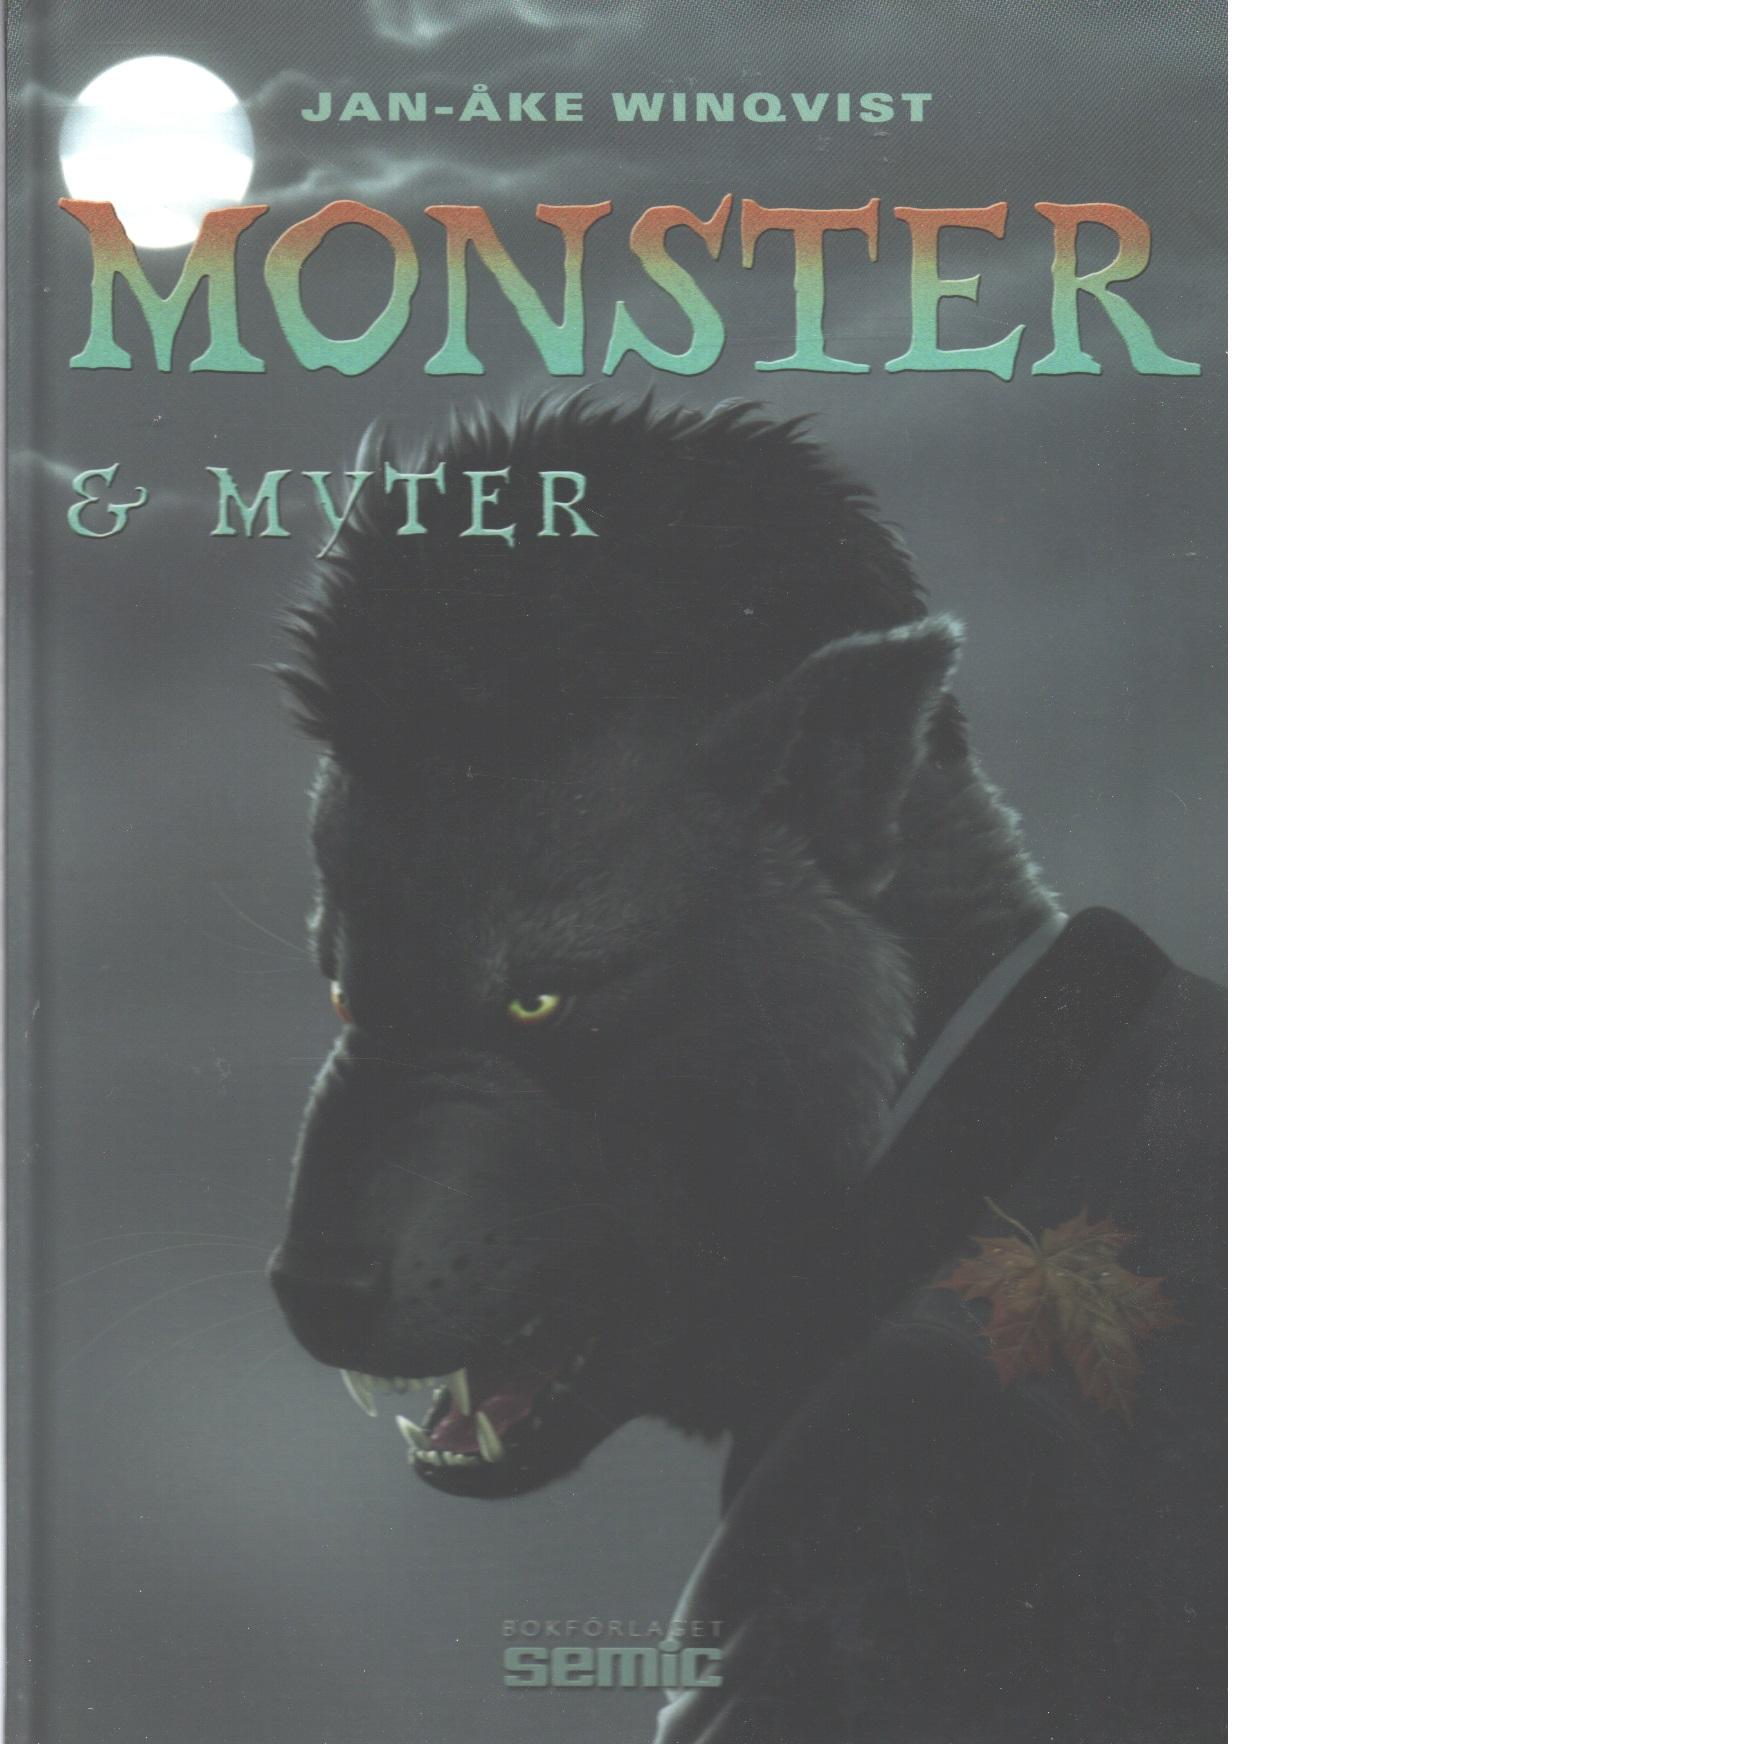 Monster & myter - Winqvist, Jan-Åke